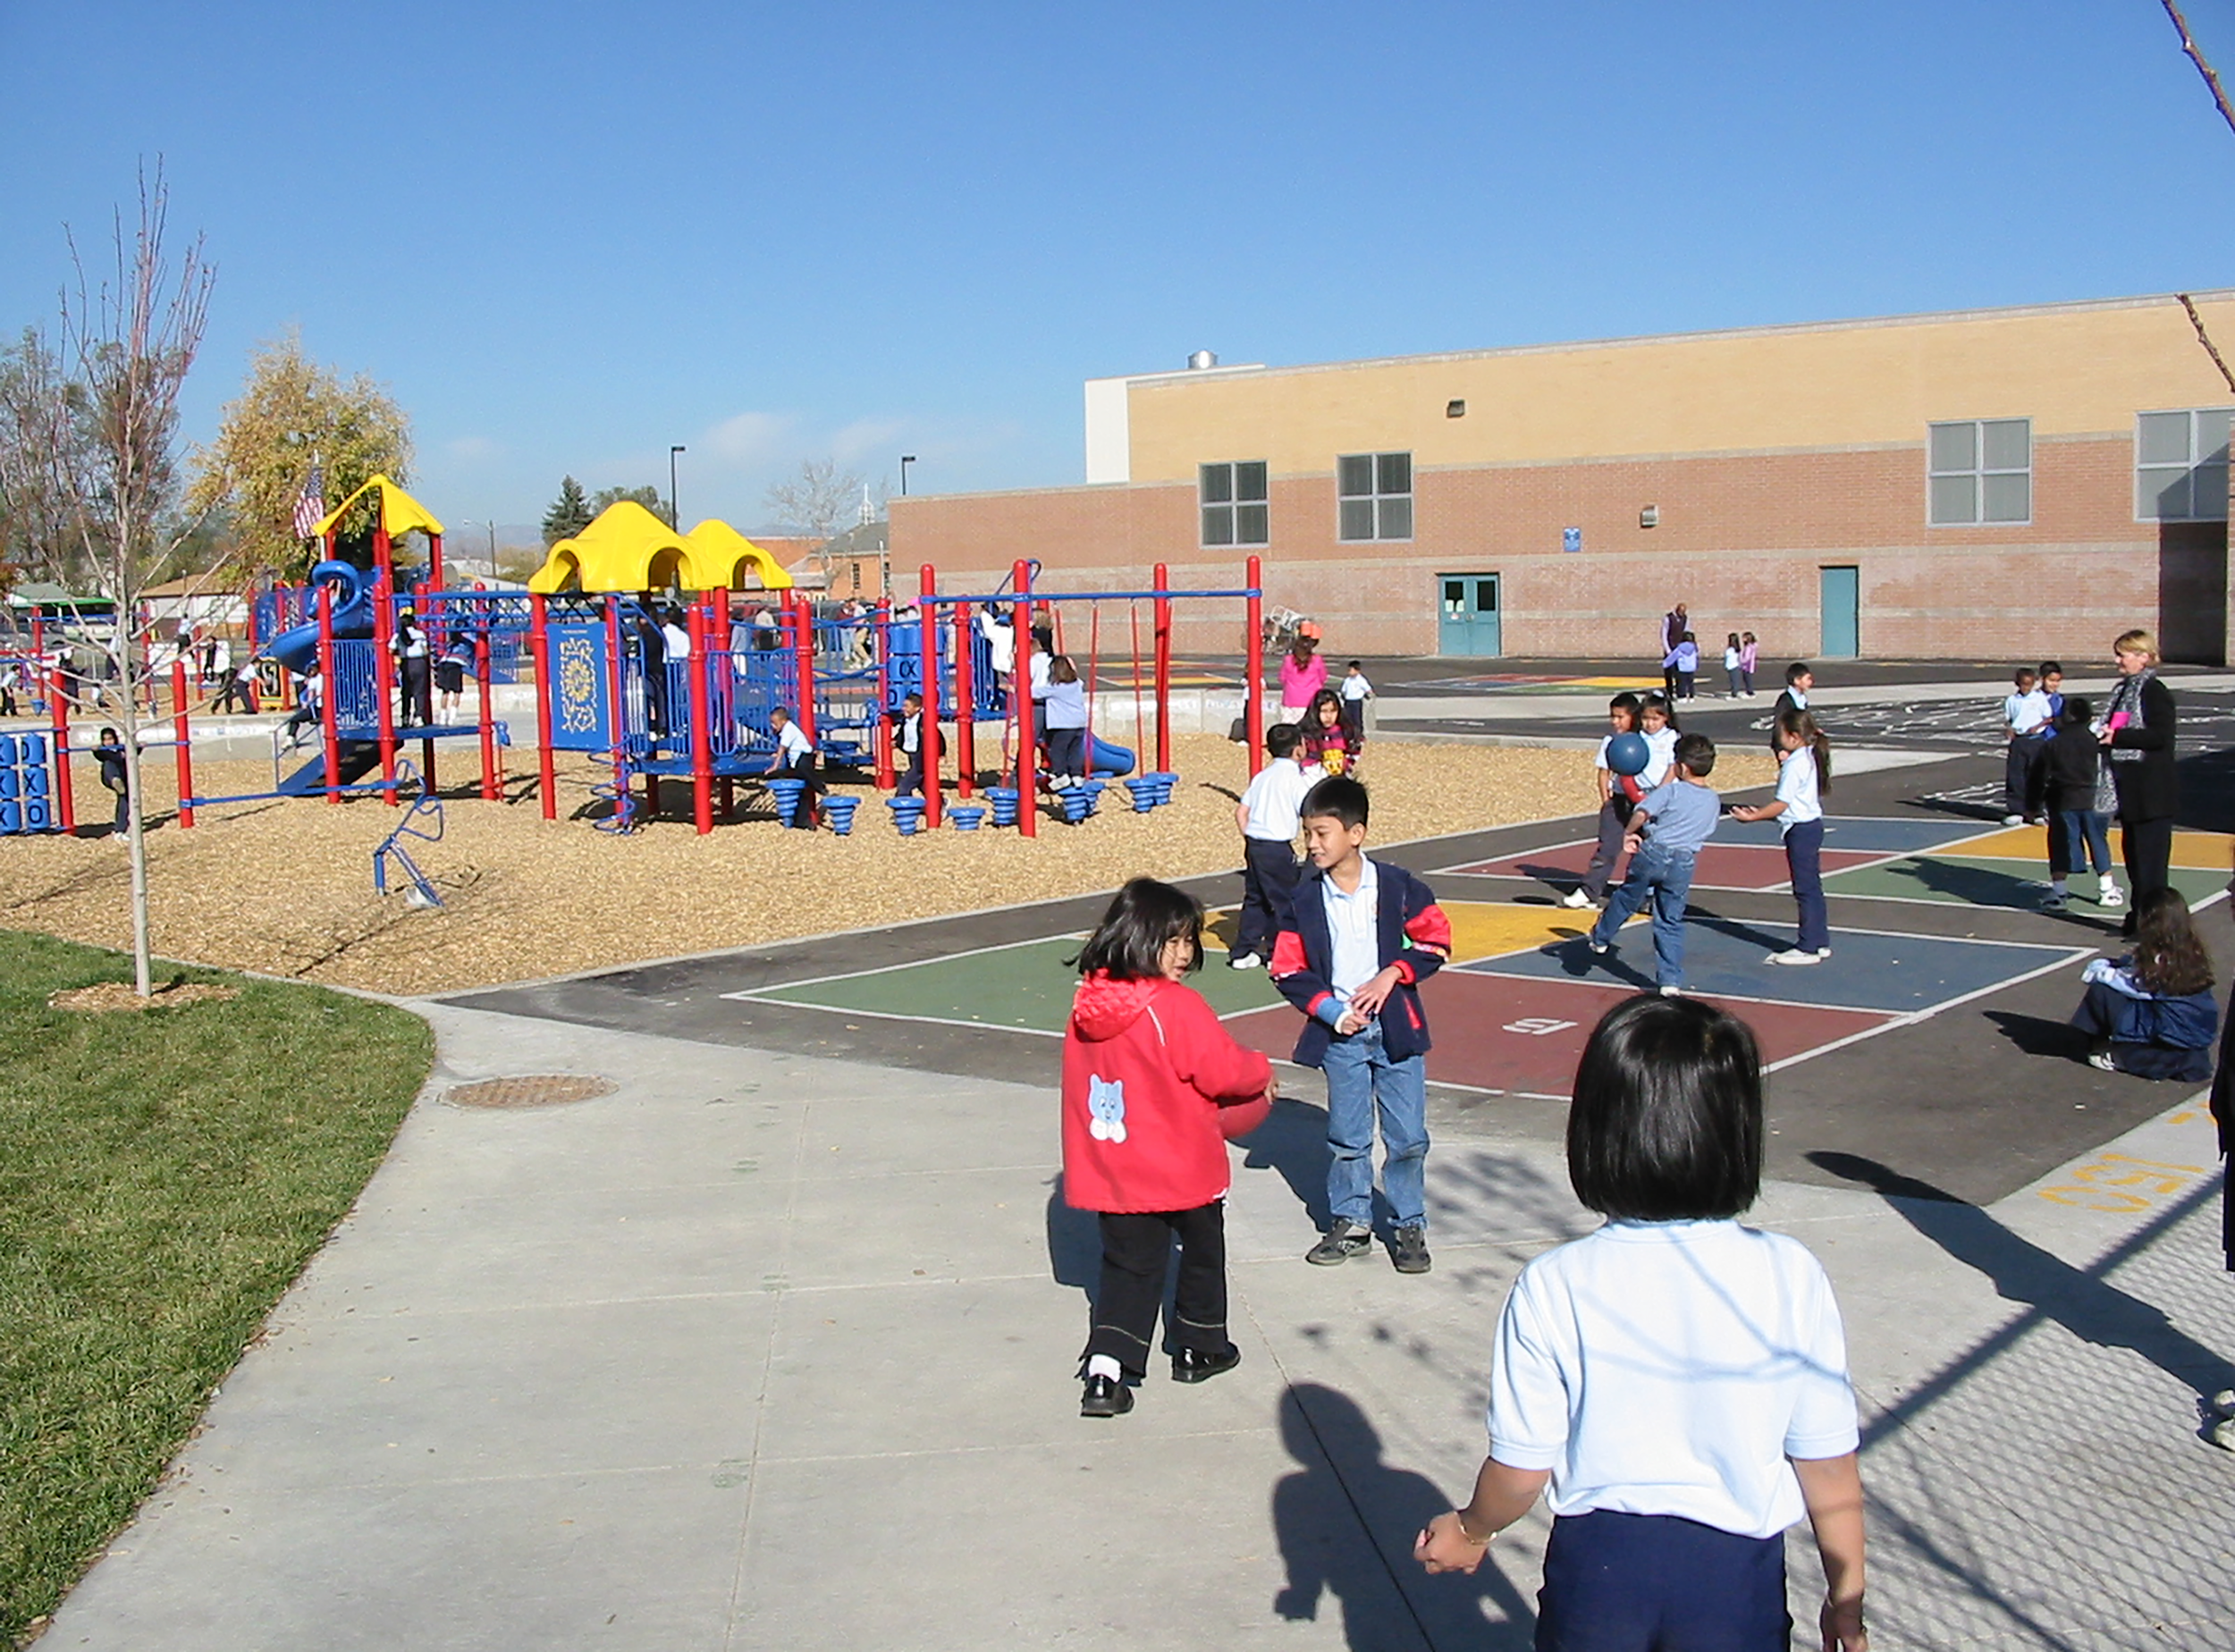 Castro Elementary